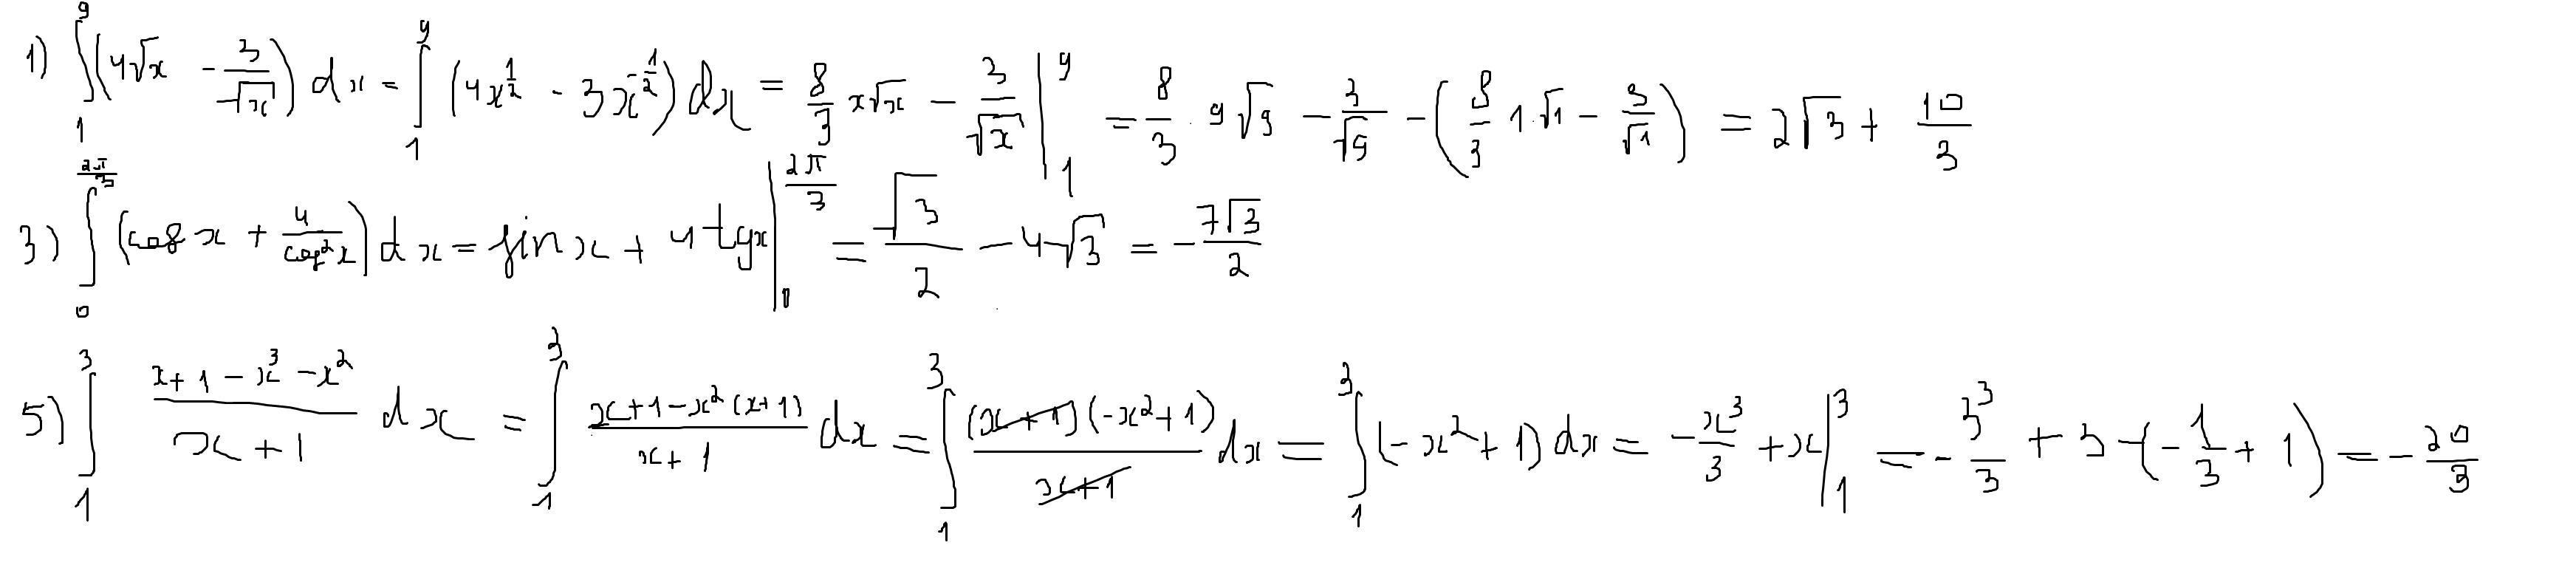 Нужно 1 3 5 Желательно на листе расписать решение